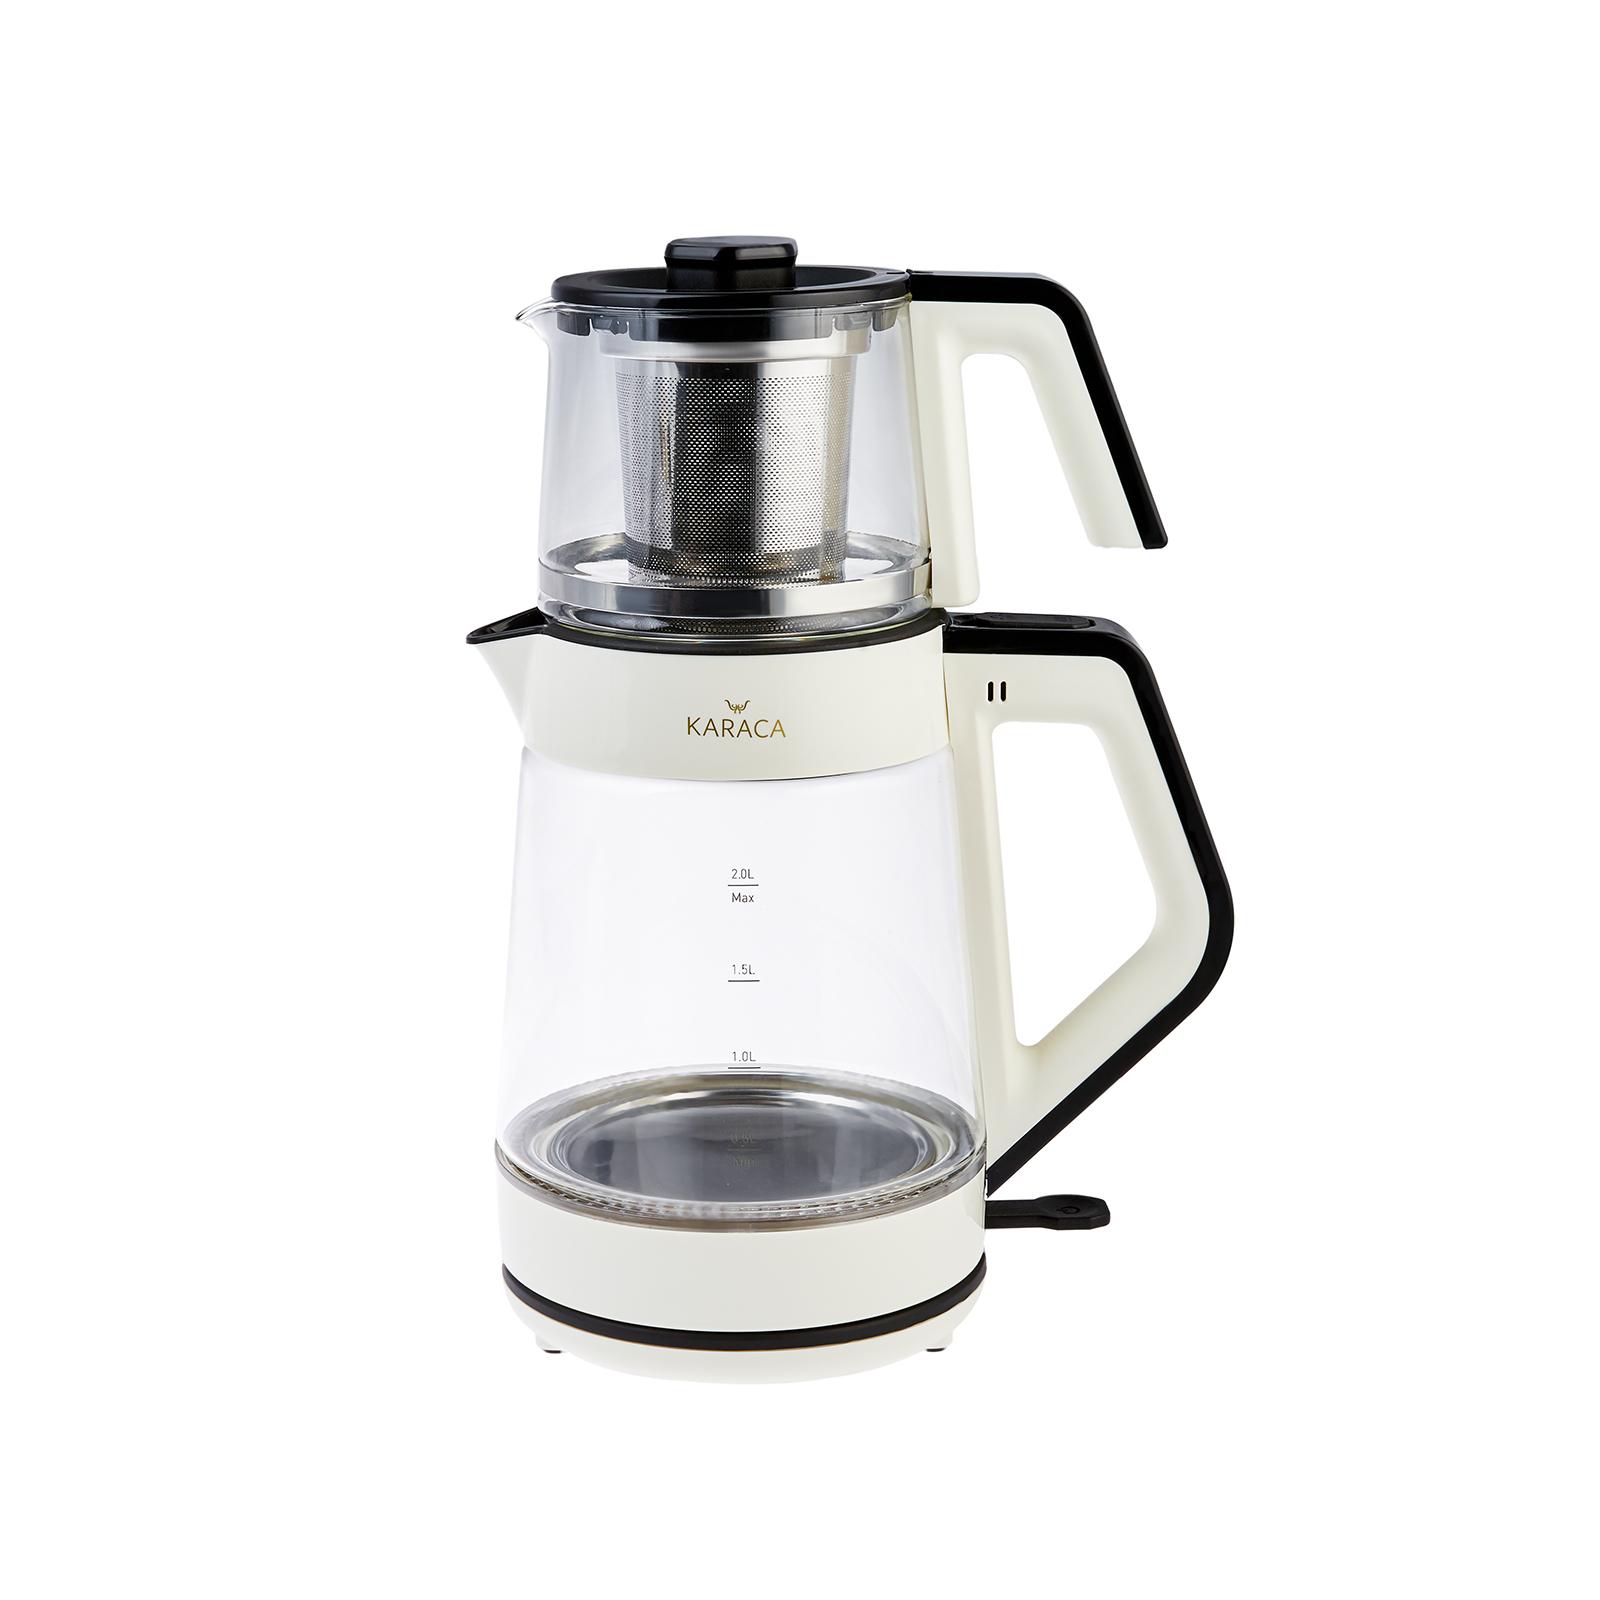 Karaca Retro Krem Cam Led Işıklı Çay Makinesi